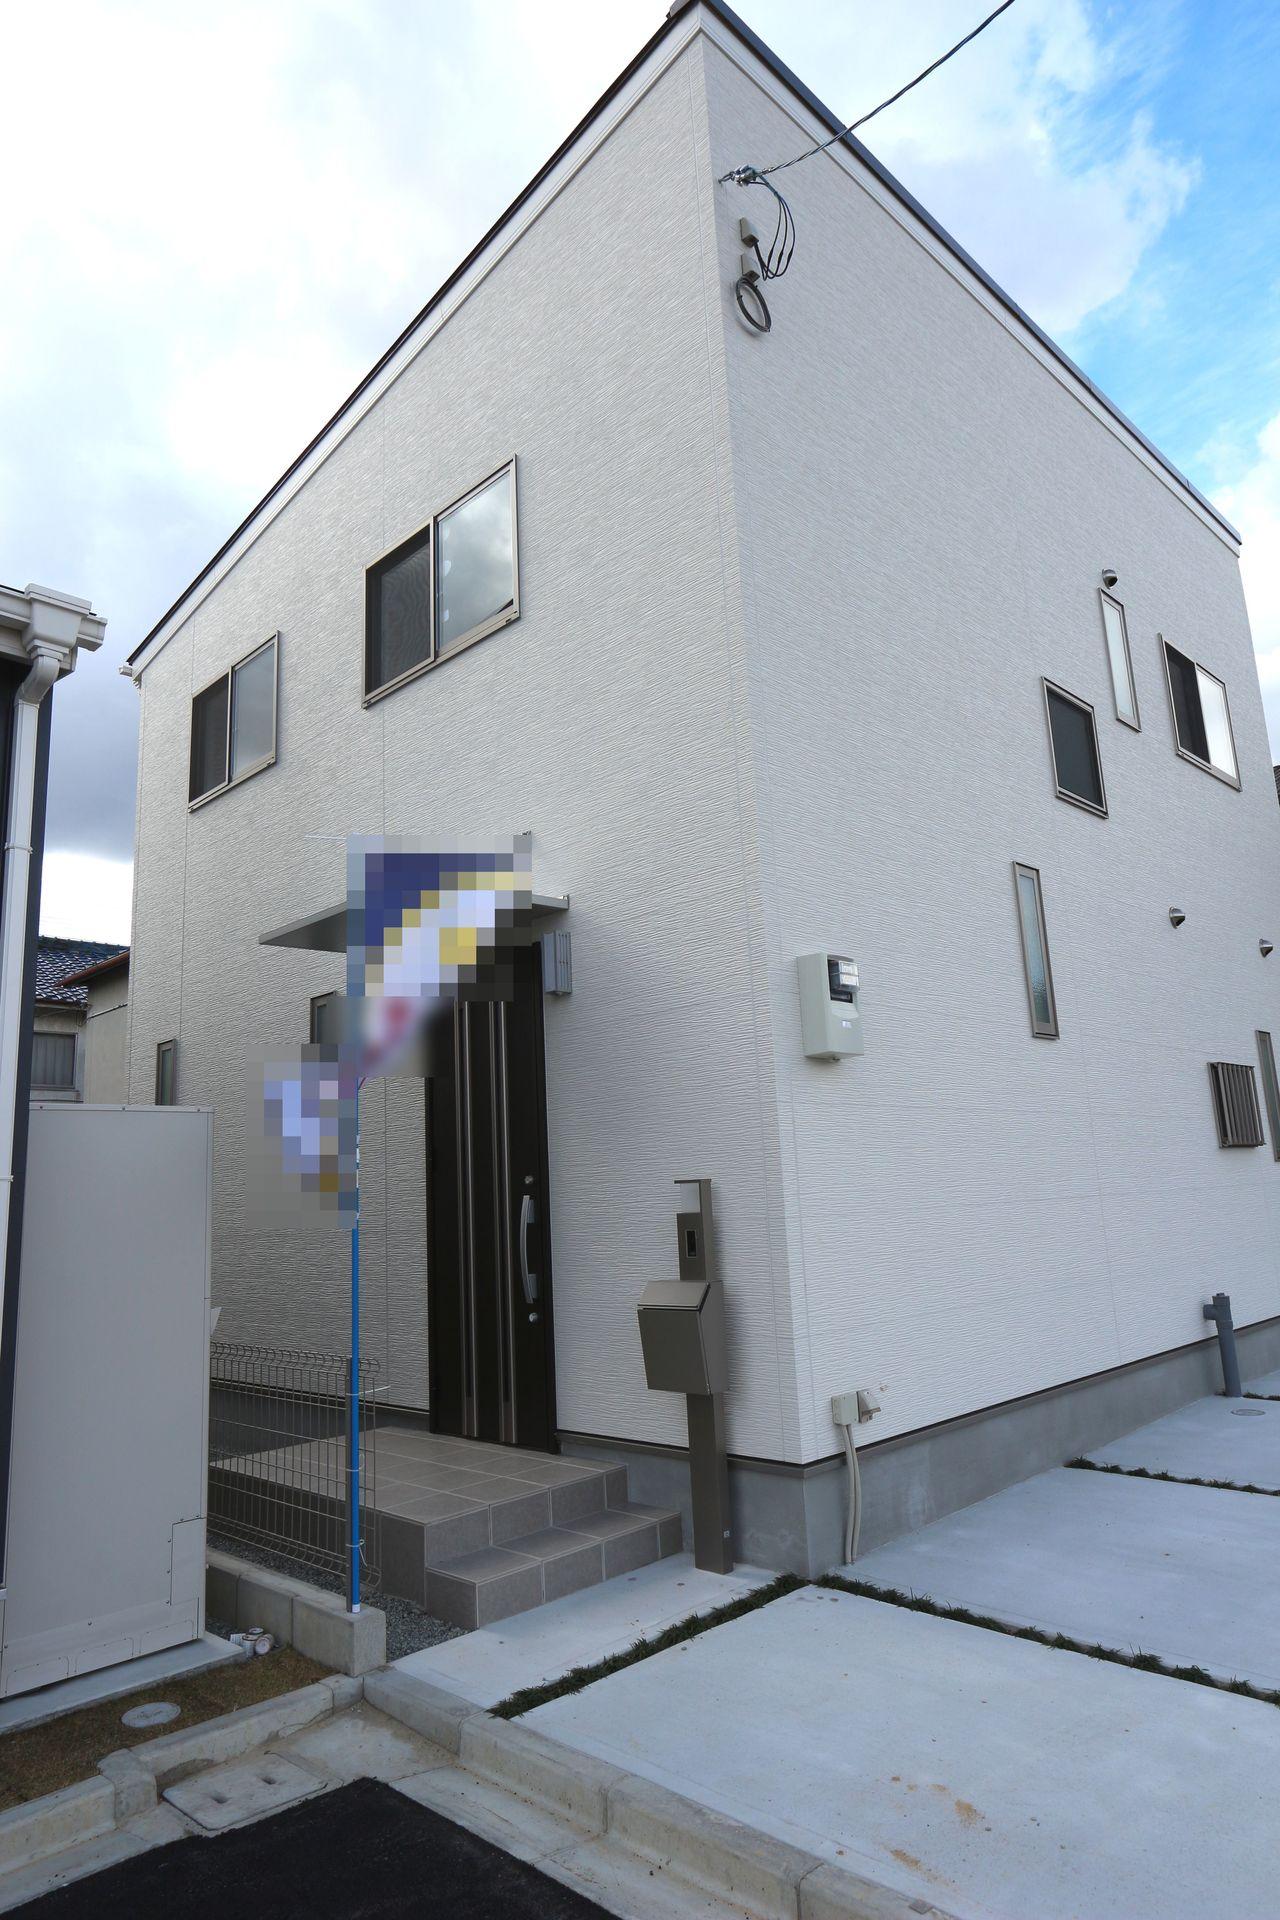 【外観写真】 白を基調としたさわやかな印象の外観に仕上がりました。 建売住宅では4LDKが主流ですが こちらは5LDKの間取り!! 現地を是非ご覧ください。